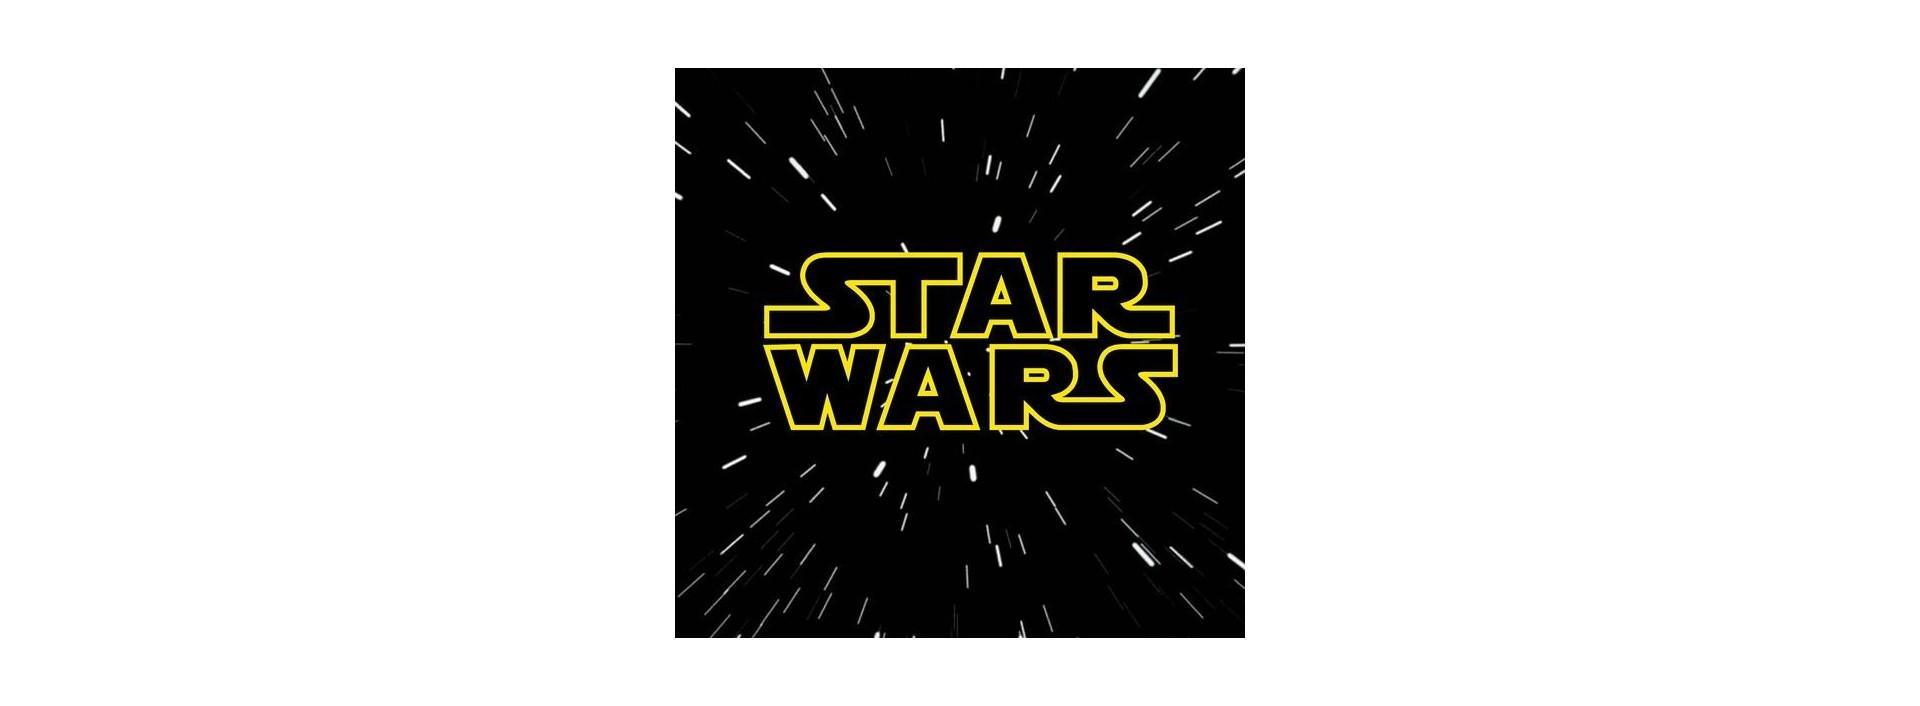 Funko Pop Star Wars en Mascromos.com Tu web de cromos y Funko Pop online